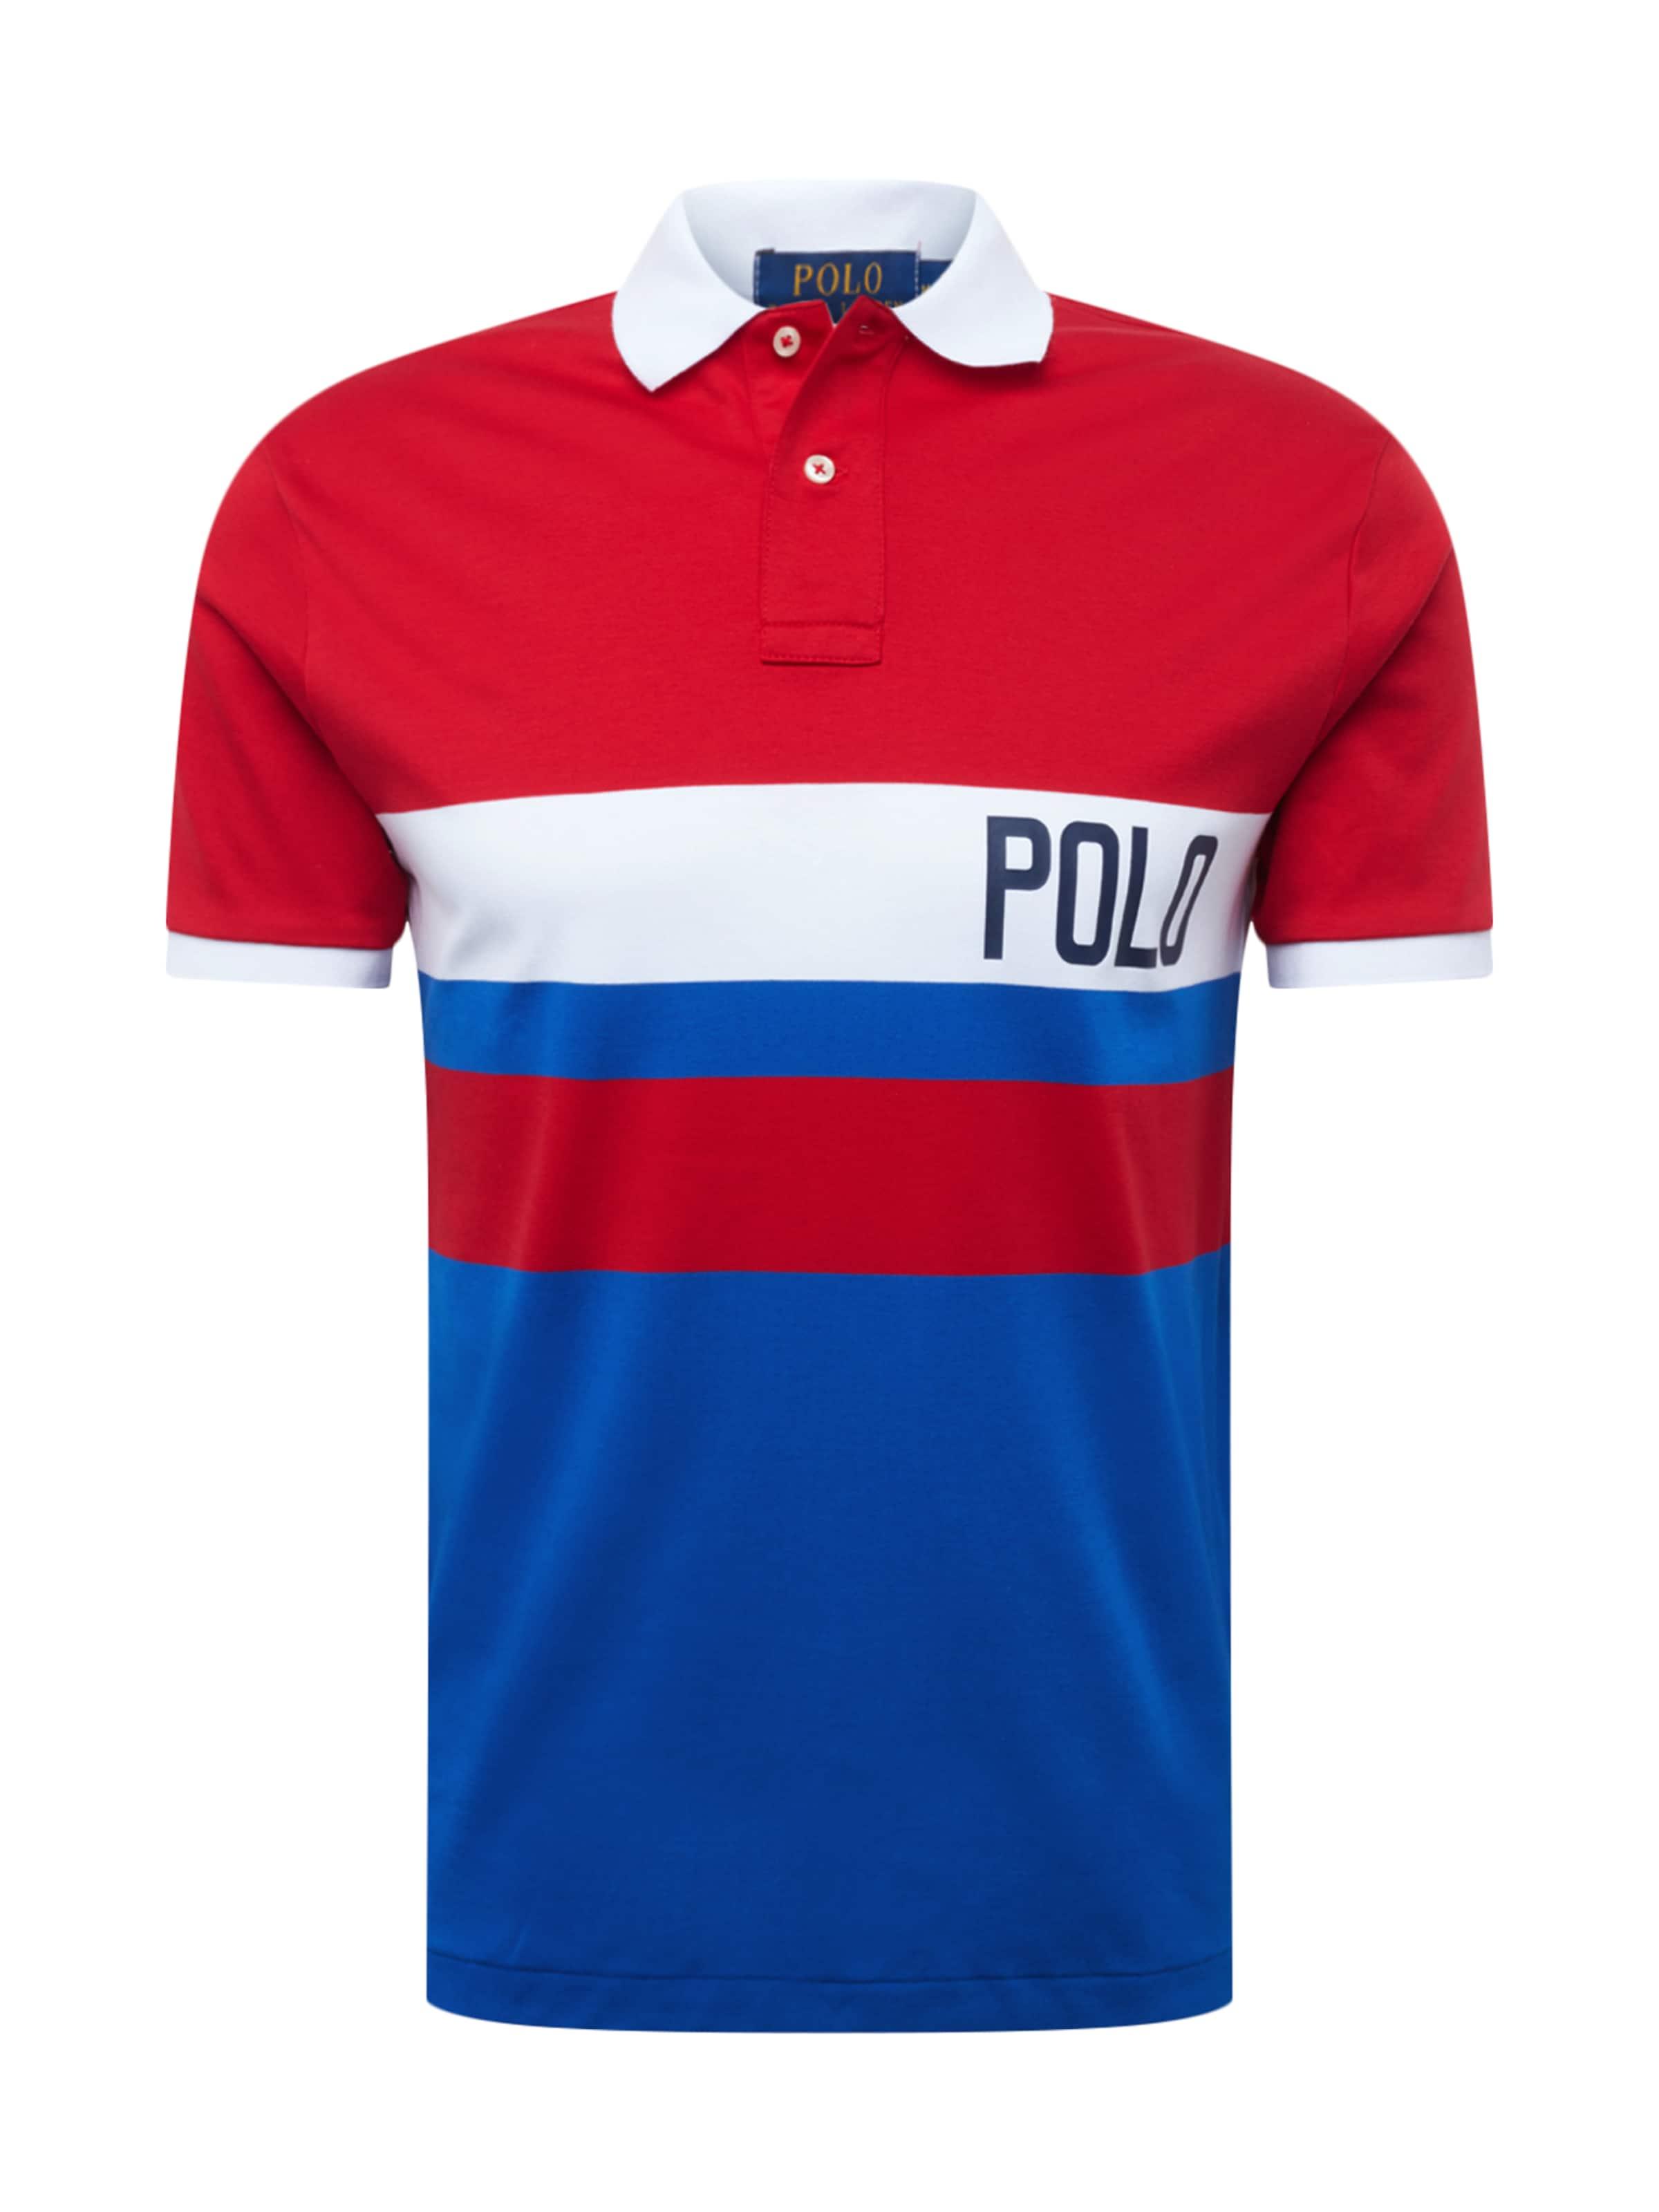 'soft Weiß Polo Lauren Ralph In Touch' BlauRot Poloshirt vmN0nw8